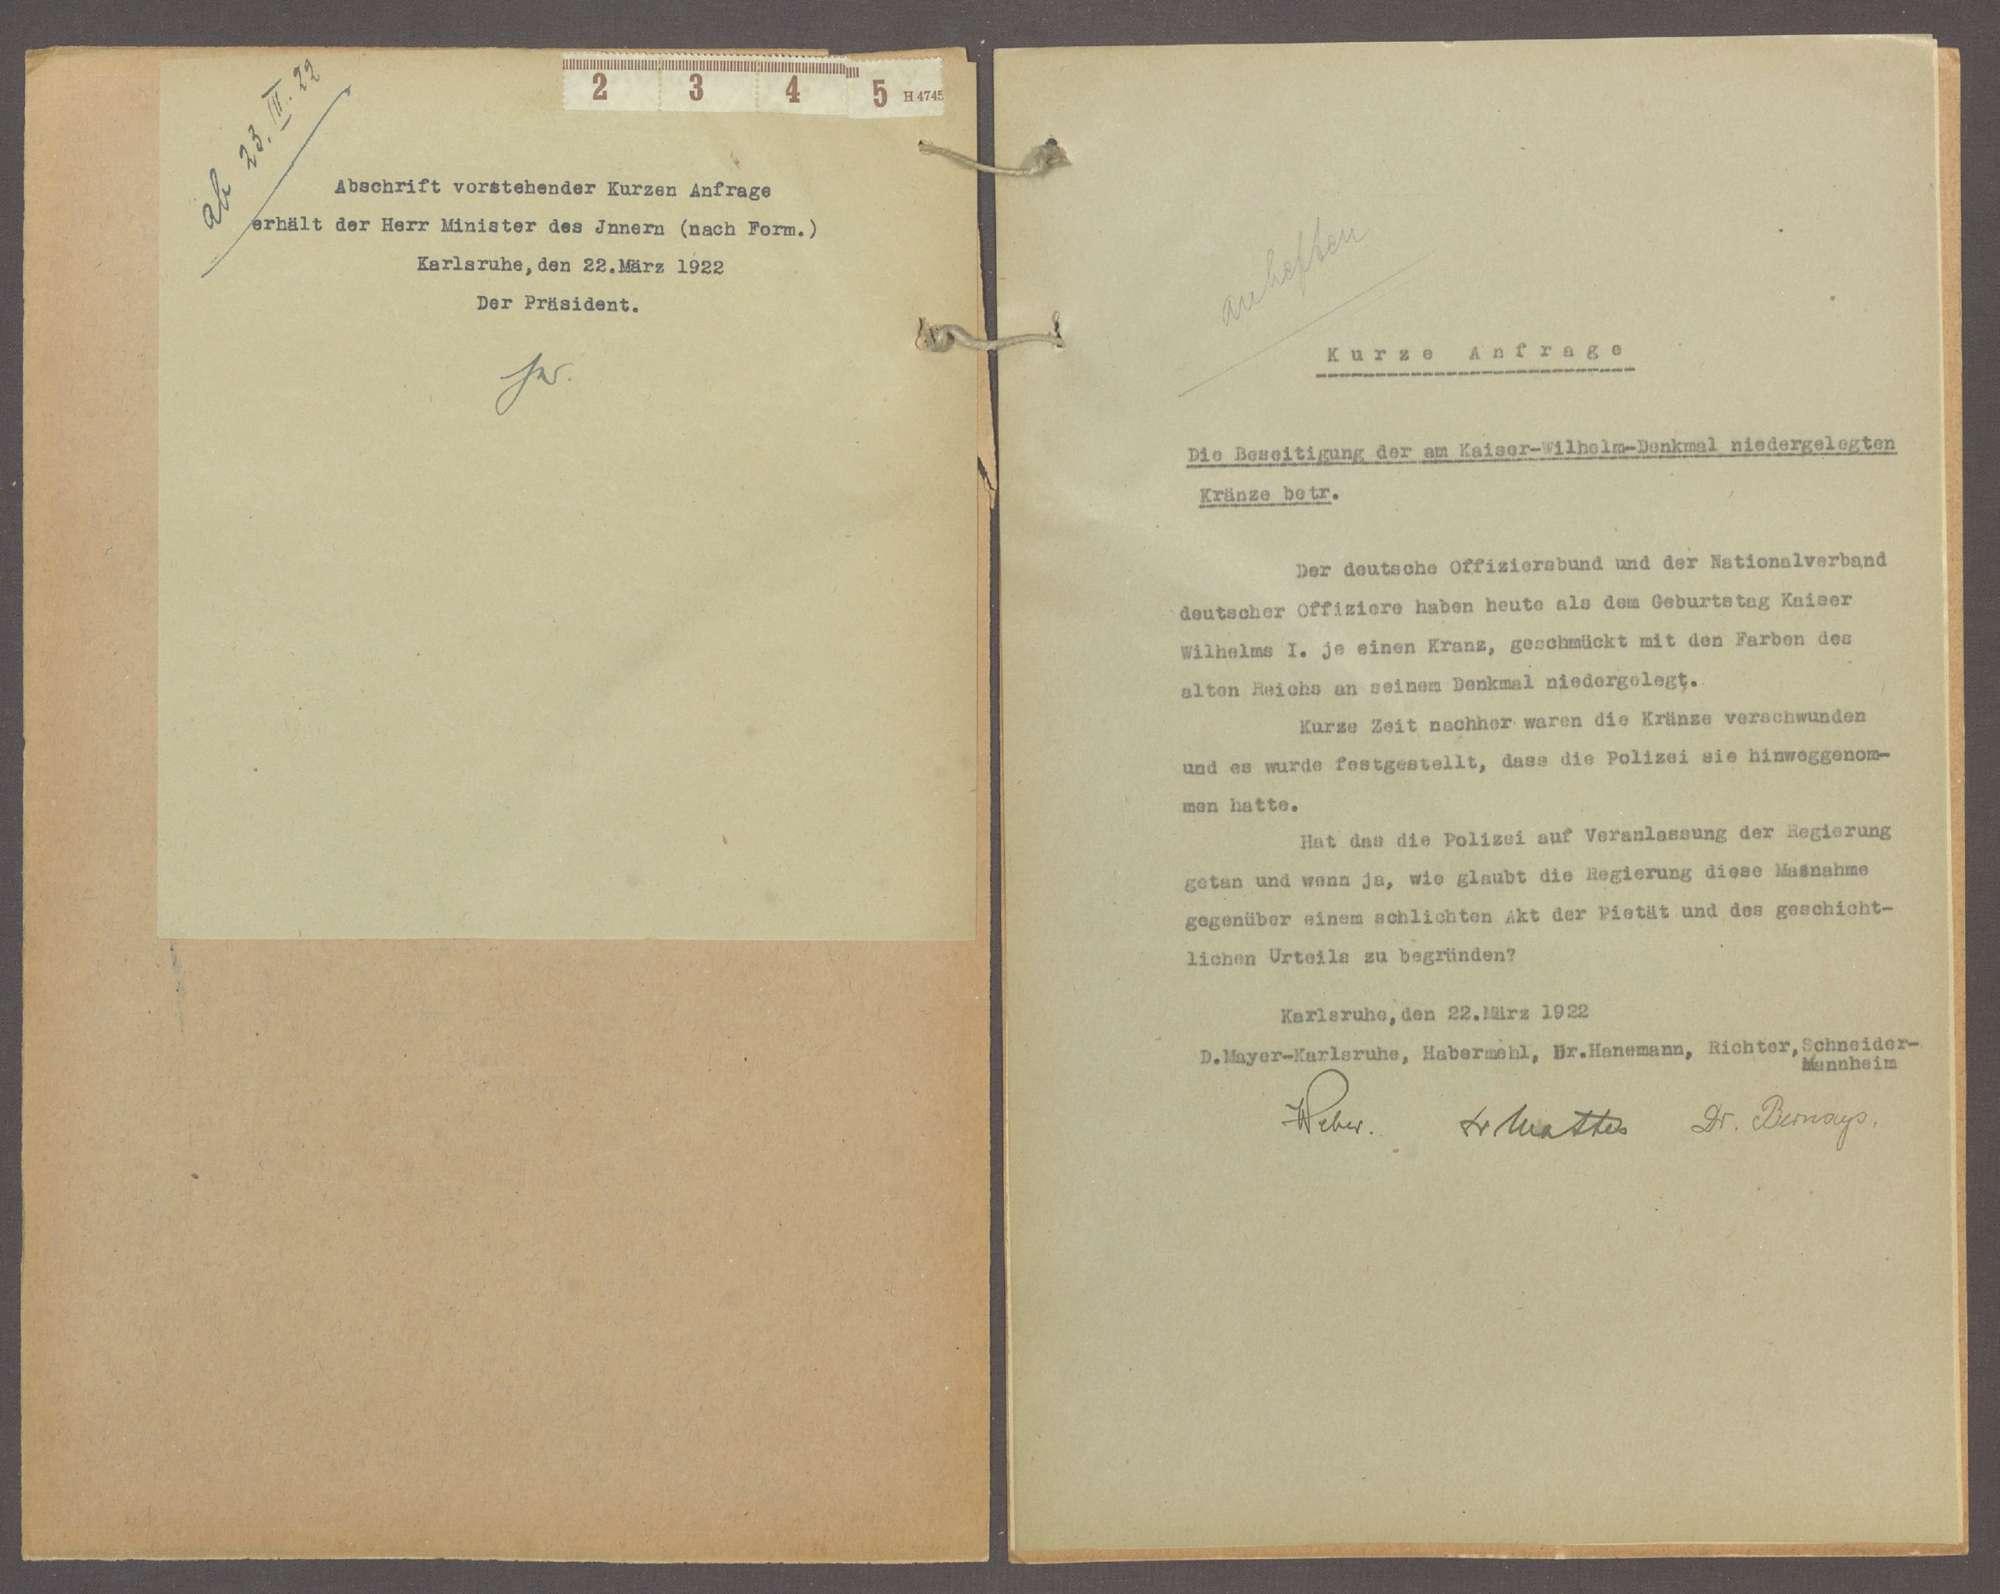 Kurze Anfrage der Abg. D. Mayer (Karlsruhe) u. Gen., die Beseitigung der am Kaiser-Wilhelm-Denkmal niedergelegten Kränze betr., Bild 3